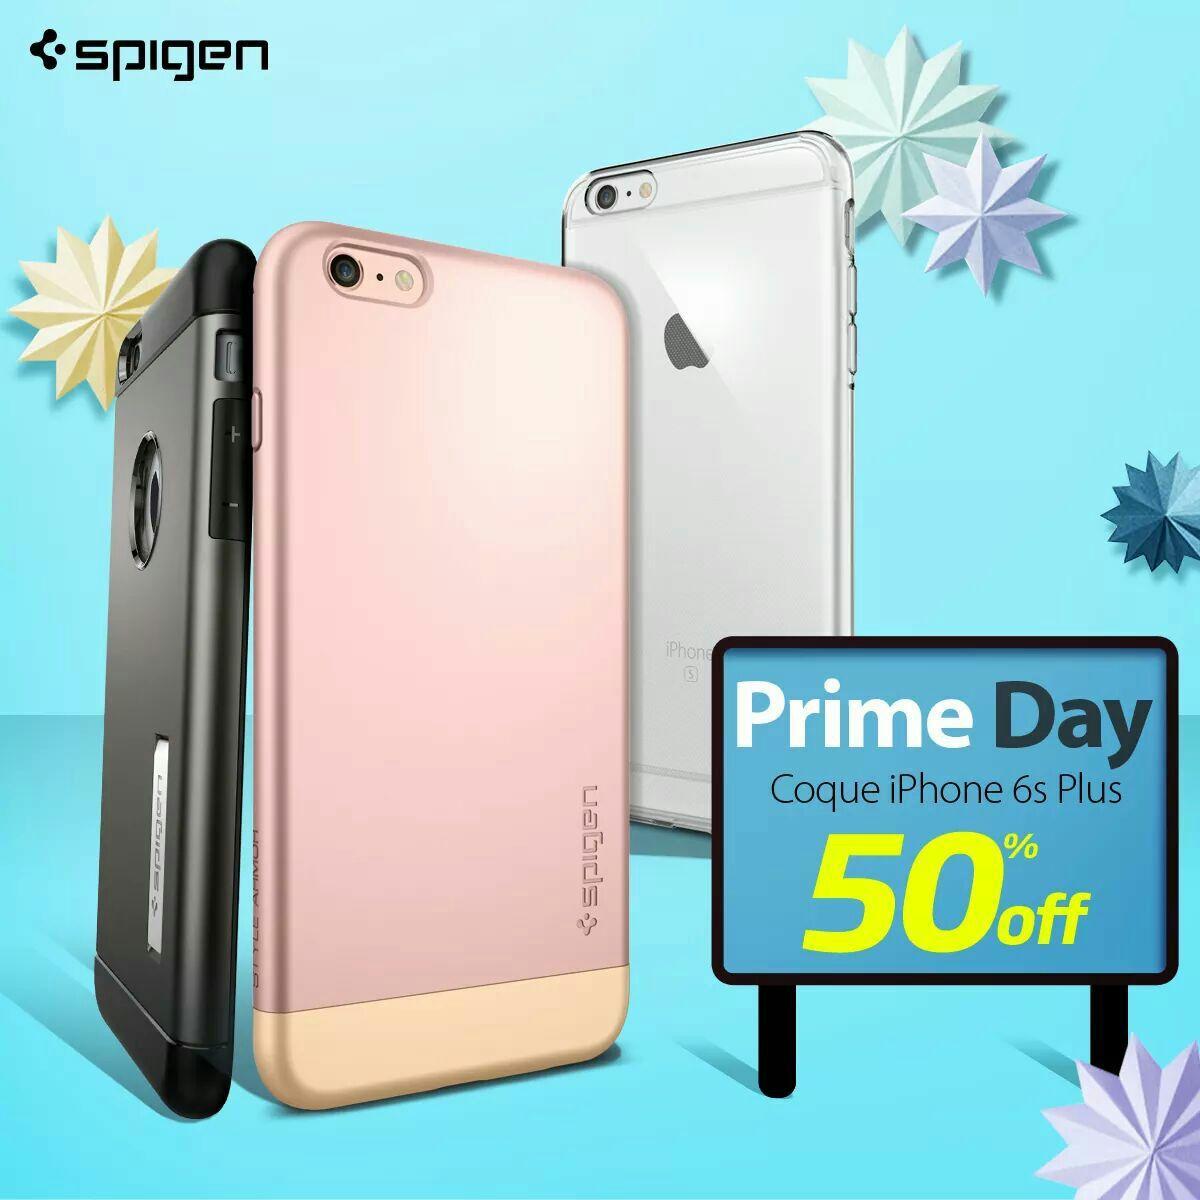 Sélections d'offres promotionnelles sur les accessoires et coques Spigen - Ex : 50% de réduction sur une sélection de coques pour iPhone 6 / 6S Plus